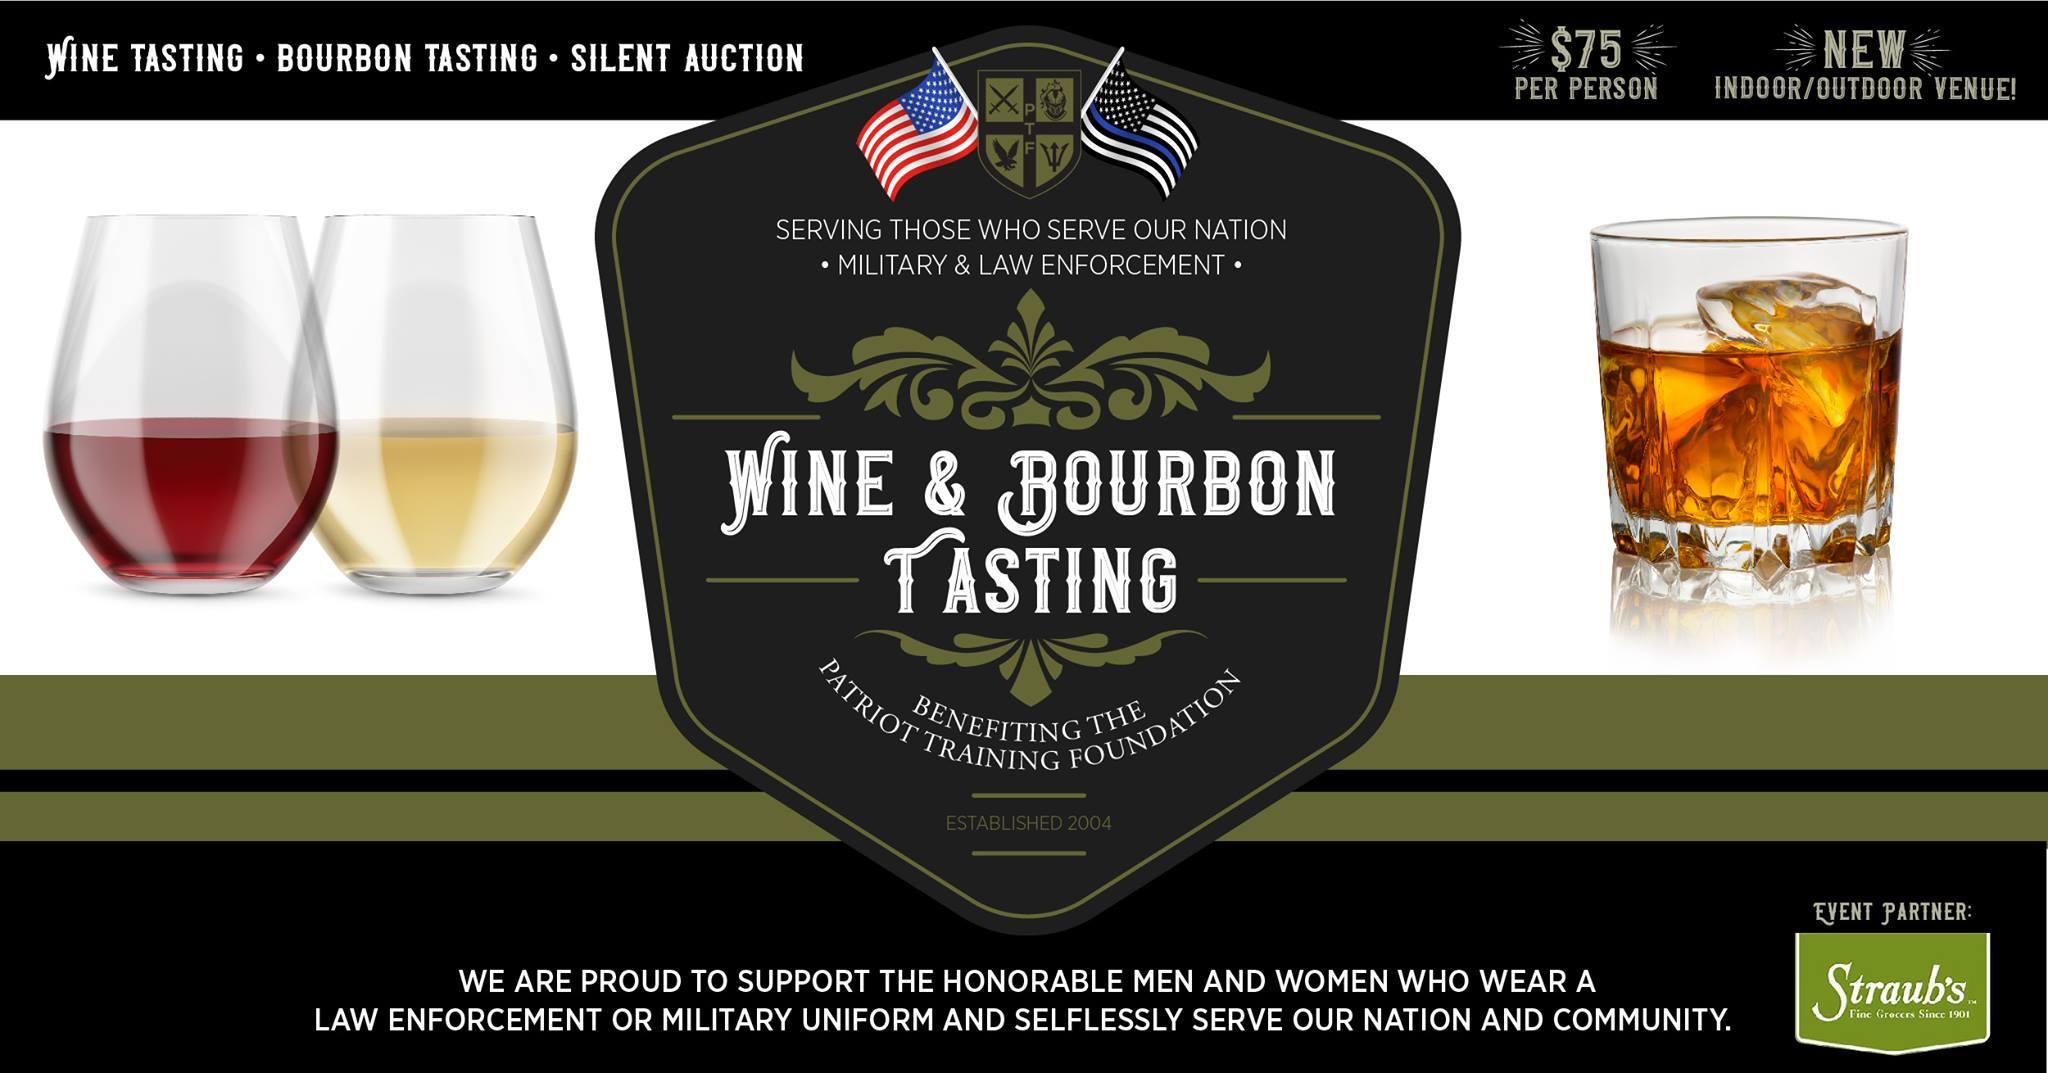 Flyer for the Wine & Bourbon Tasting